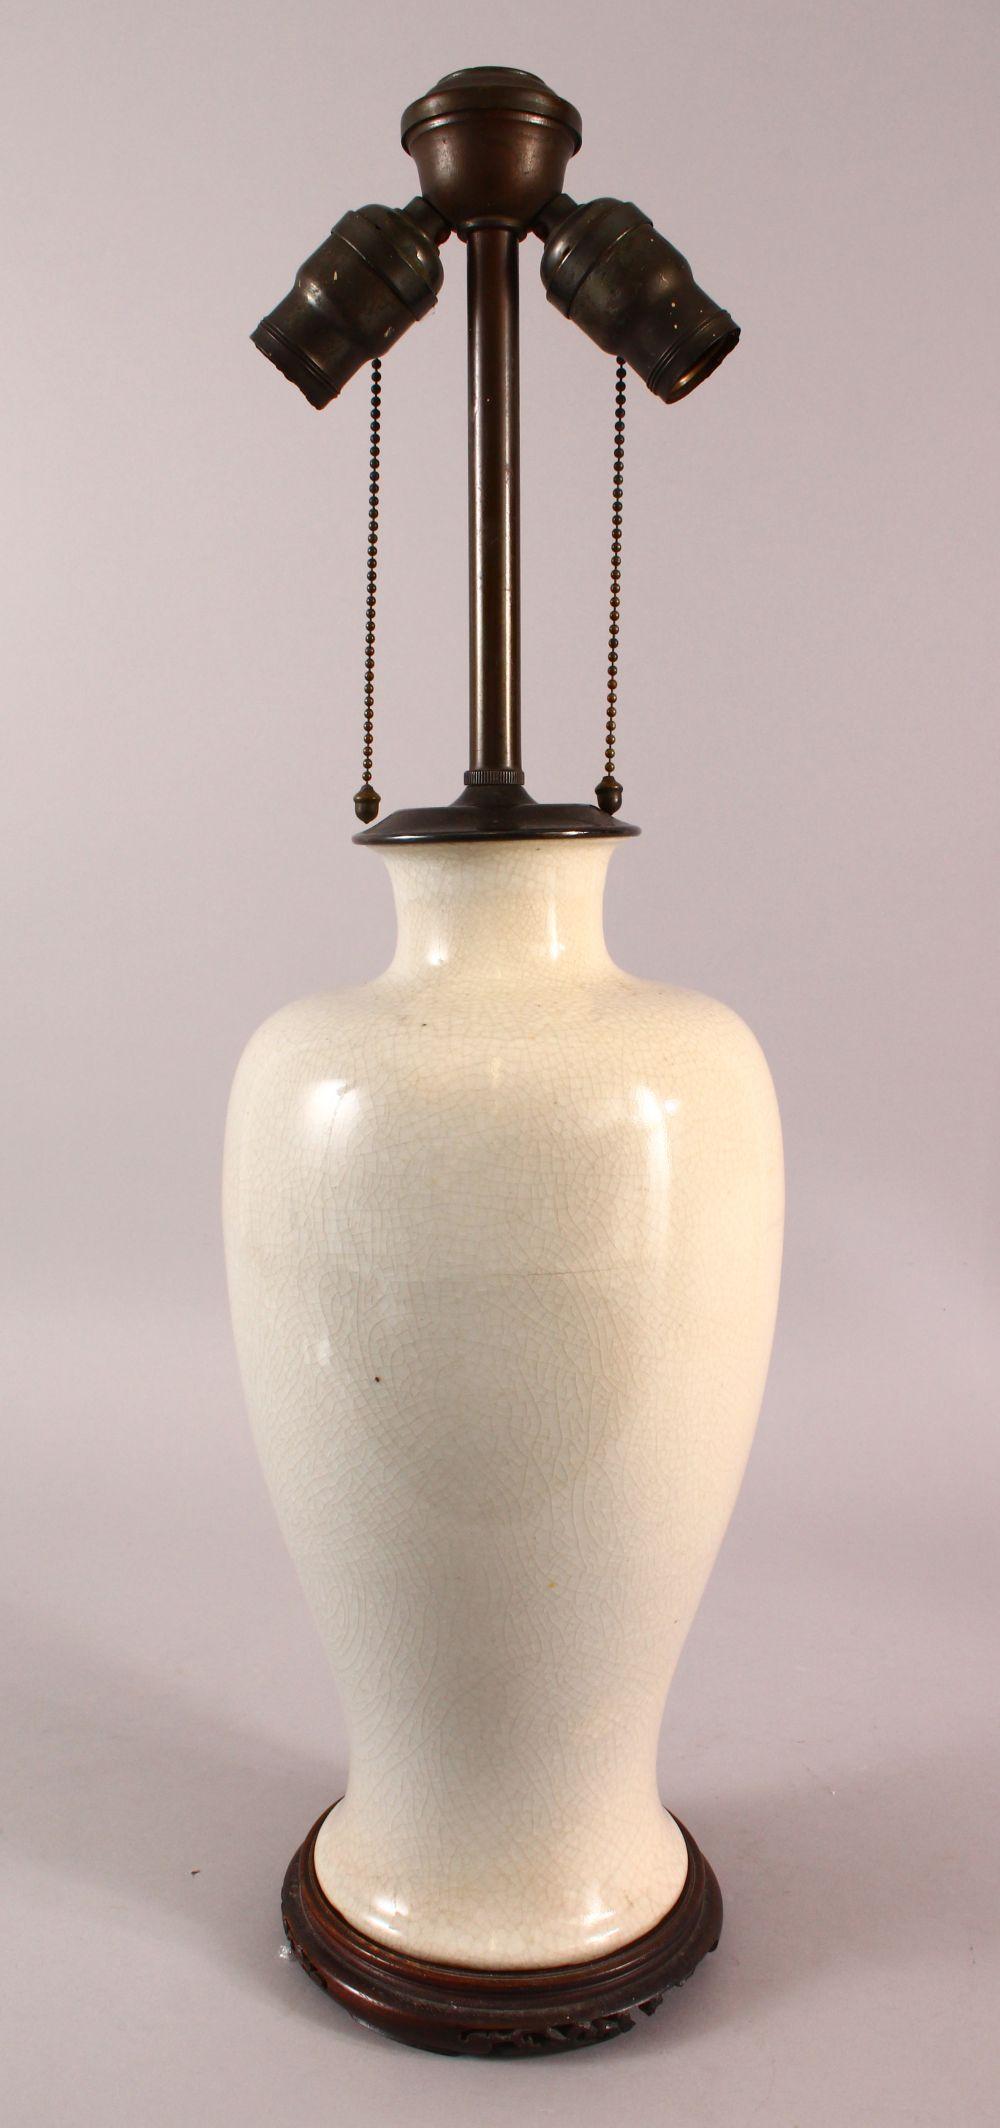 A CHINESE CRACKLE GLAZED PORCELAIN VASE / LAMP, 61CM